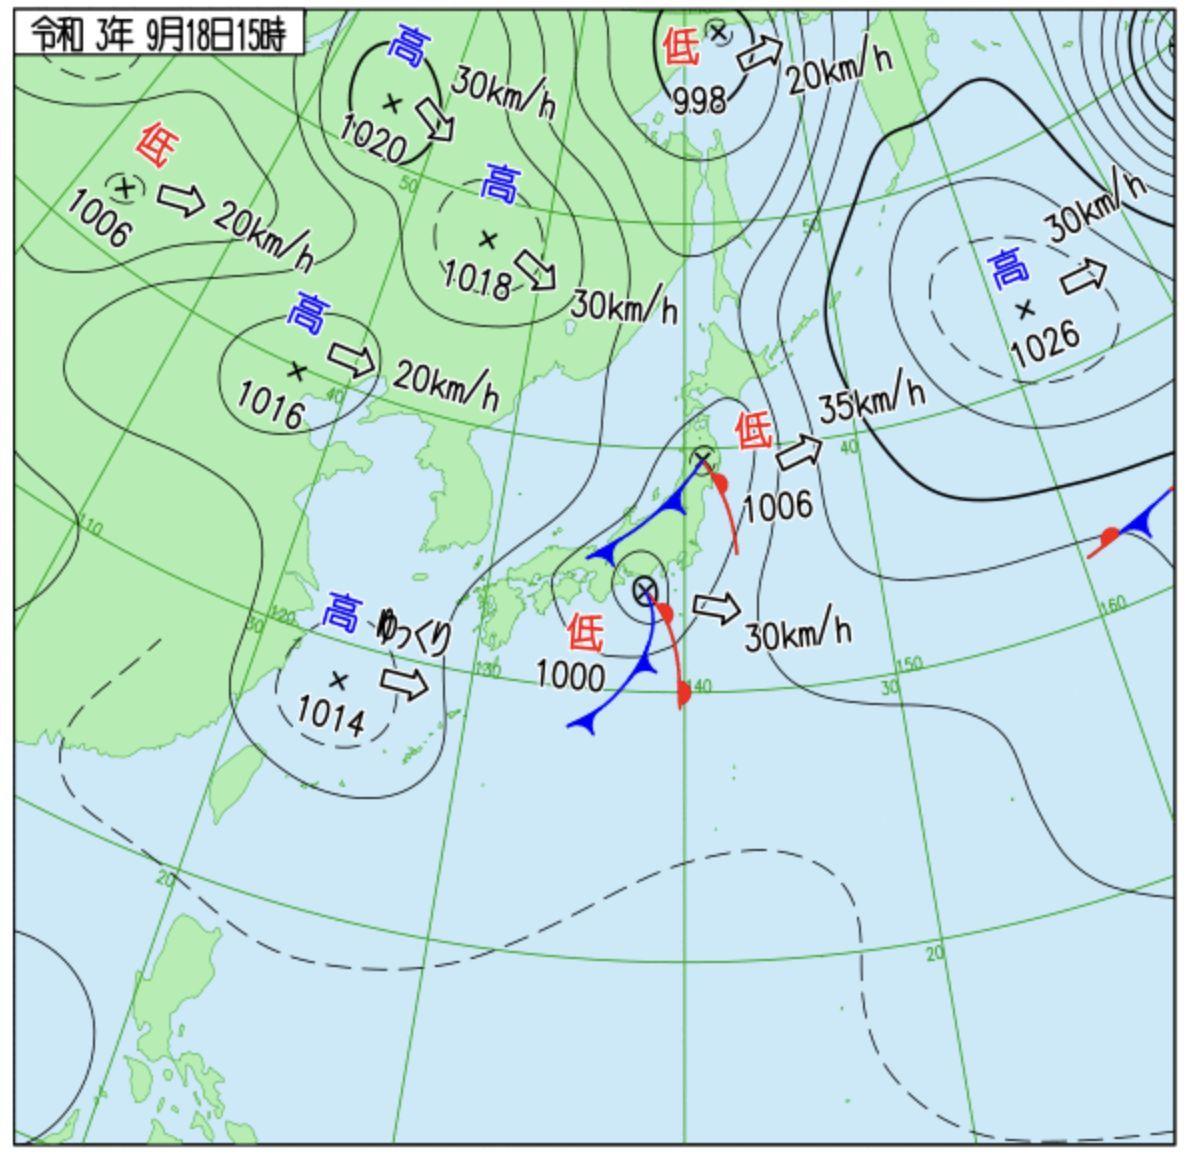 台風崩れの低気圧の影響を受けた昨日からの回復_c0025115_21535114.jpg